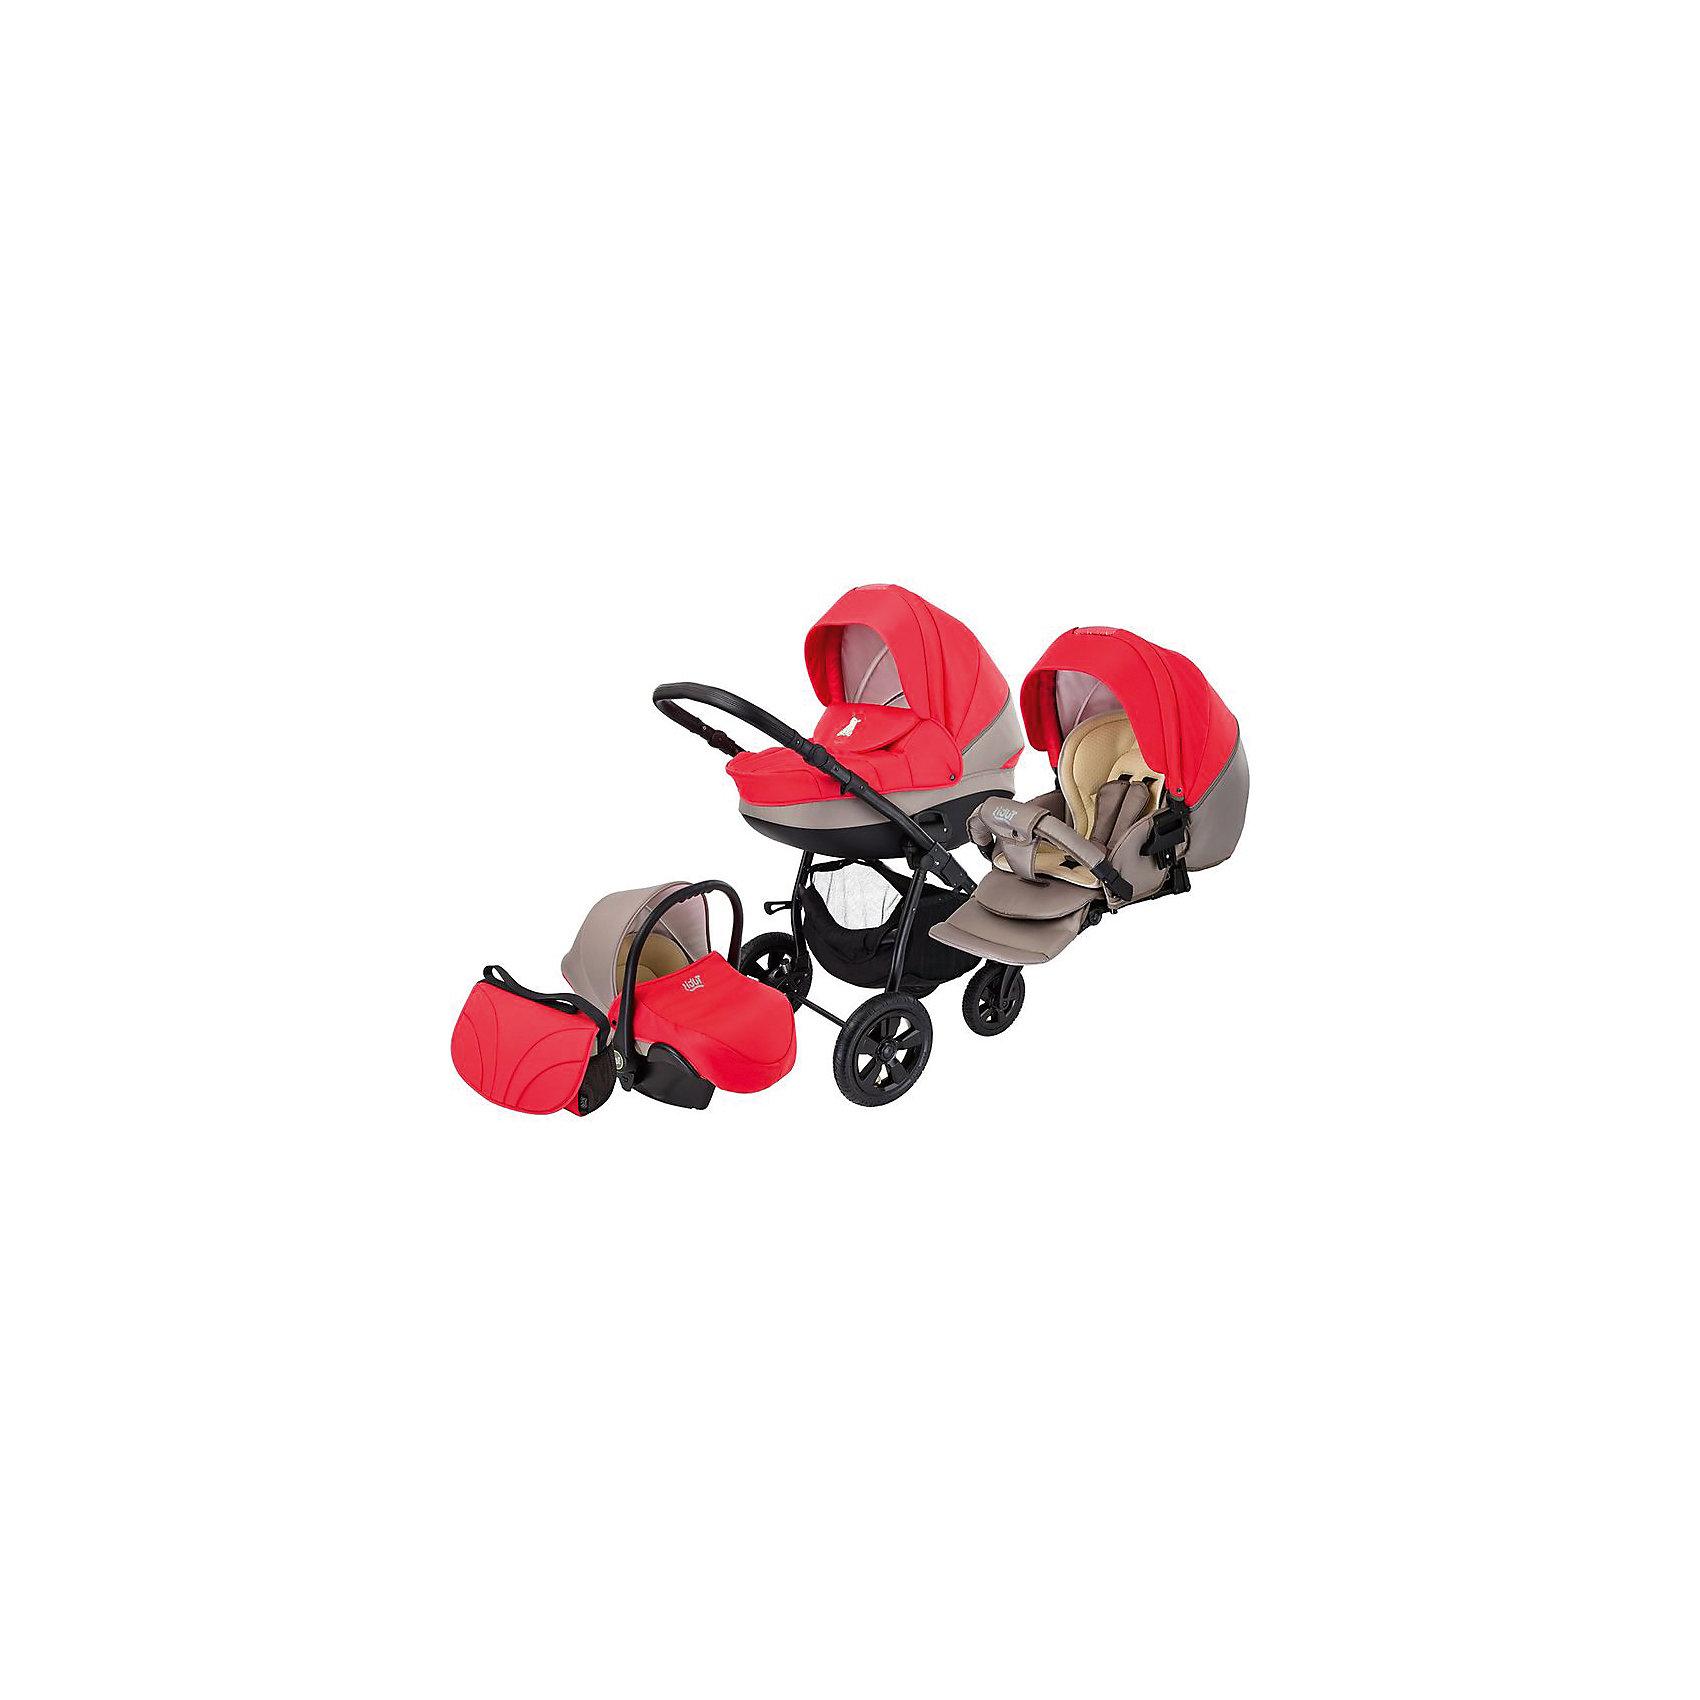 Коляска 3 в 1 Tapu-Tapu, Tutis, красный/тем. бежевыйКоляска 3 в 1 Tapu-Tapu, Tutis, красный/тем. бежевый<br>Коляска 3 в 1 Tapu-Tapu Tutis специально создана для тех, кто любит путешествовать, обожает прогулки на свежем воздухе. Легкая в управлении, просторная, маневренная, компактная, она оборудована просторной прочной пластмассовой люлькой, которая имеет вентиляционные отверстия в нижней части. Внутри люльки - тканевое покрытие, матрасик из кокосового волокна и регулируемый подголовник. Накидка на люльку защищает малыша от ветра и непогоды. Прогулочный блок имеет широкое сидение с регулируемым наклоном спинки вплоть до горизонтального положения, встроенные пятиточечные ремни безопасности, регулируемую подножку, матрасик-вкладыш, накидку на ножки, съёмный бампер, обтянутый мягкой тканью.Большой регулируемый капюшон с ручкой для переноски имеет вентилируемую вставку под молнией. Высоту ручки для мамы можно отрегулировать. Предусмотрена вместительная корзина для покупок и сумка для мамы. Коляска имеет надувные колеса, передние - поворотные с блокировкой, задние - с ножными тормозами. Шасси выполнено из алюминия, легко и компактно складывается. Автомобильное кресло отвечает всем европейским стандартам, крепится в автомобиле штатным ремнем безопасности, против хода движения. Имеет трёхточечный ремень безопасности, анатомический вкладыш, солнцезащитный козырек, накидку-чехол, нескользящую ручку.<br><br>Дополнительная информация:<br><br>- Комплектация: люлька, прогулочный блок, автокресло, шасси, матрас для люльки, москитная сетка, дождевик, сумка для мамы, корзина для покупок, чехлы на ножки (прогулочный блок, автокресло), накидка на люльку, матрасик-вкладыш (прогулочный блок, автокресло)<br>- Функция качания (когда люлька лежит на полу)<br>- Регулируемая амортизация шасси<br>- Размеры: прогулочный блок – 95x39 см, внутренний размер люльки – 79x36 см, внутренний размер автокресла - 74x32 см.<br>- Размер сложенной коляски: 89x60x38 см.<br>- Вес: люлька 4,95 кг, прогулочны